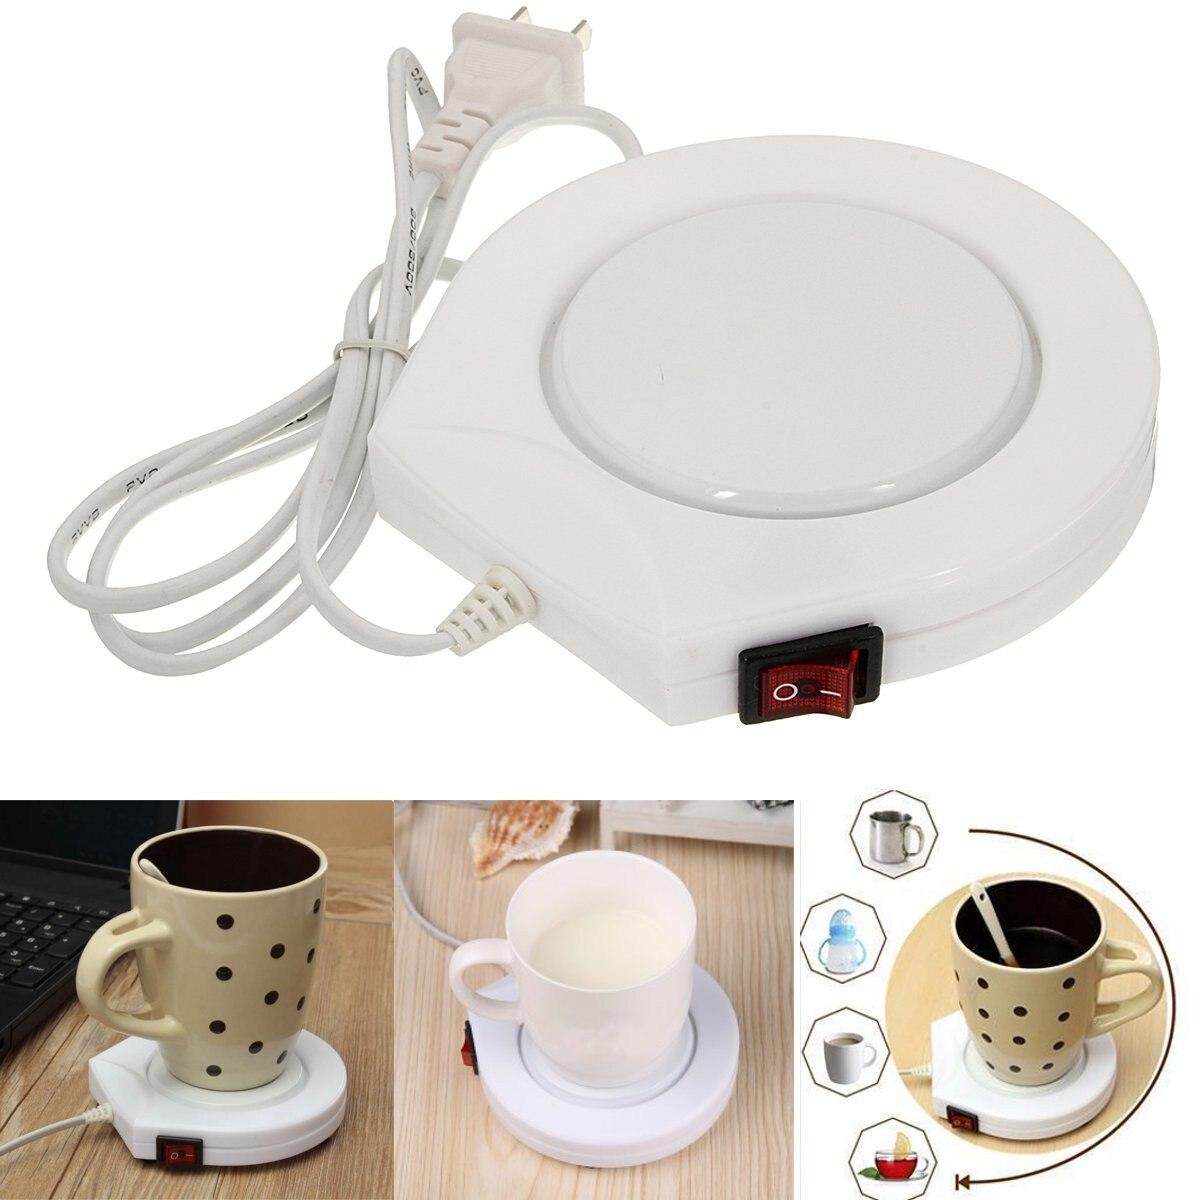 220 V Putih Bertenaga Listrik Cup Warmer Pad Pemanas Kopi Teh Susu Mug Dapur Kantor Rumah Hangat Musim Dingin